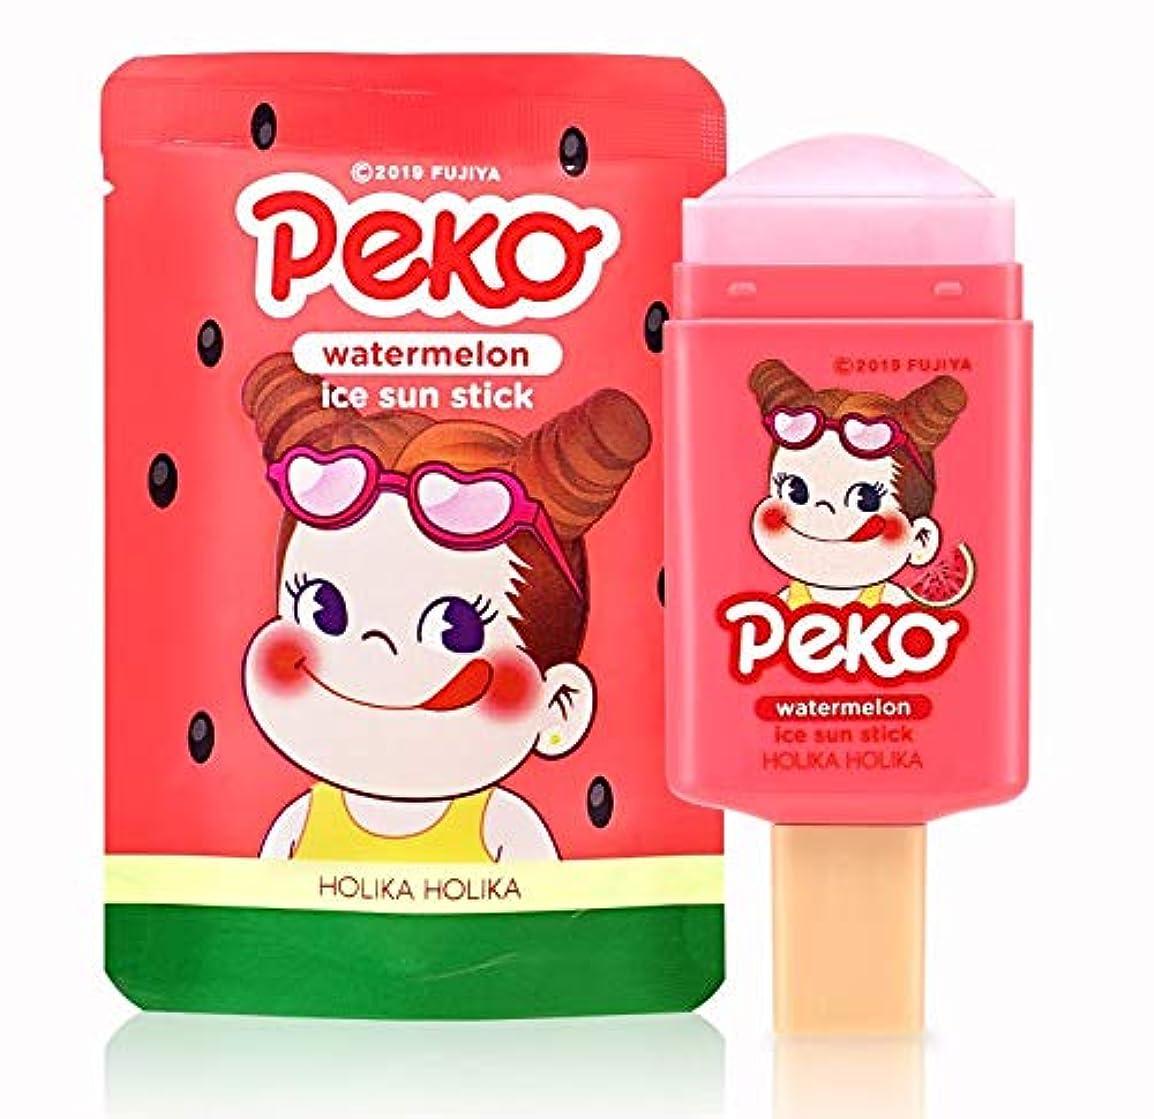 自動的に接辞見えるホリカホリカ [スイートペコエディション] スイカ アイス サン スティック 14g / Holika Holika [Sweet Peko Edition] Watermellon Ice Sun Stick SPF50+ PA++++ [並行輸入品]